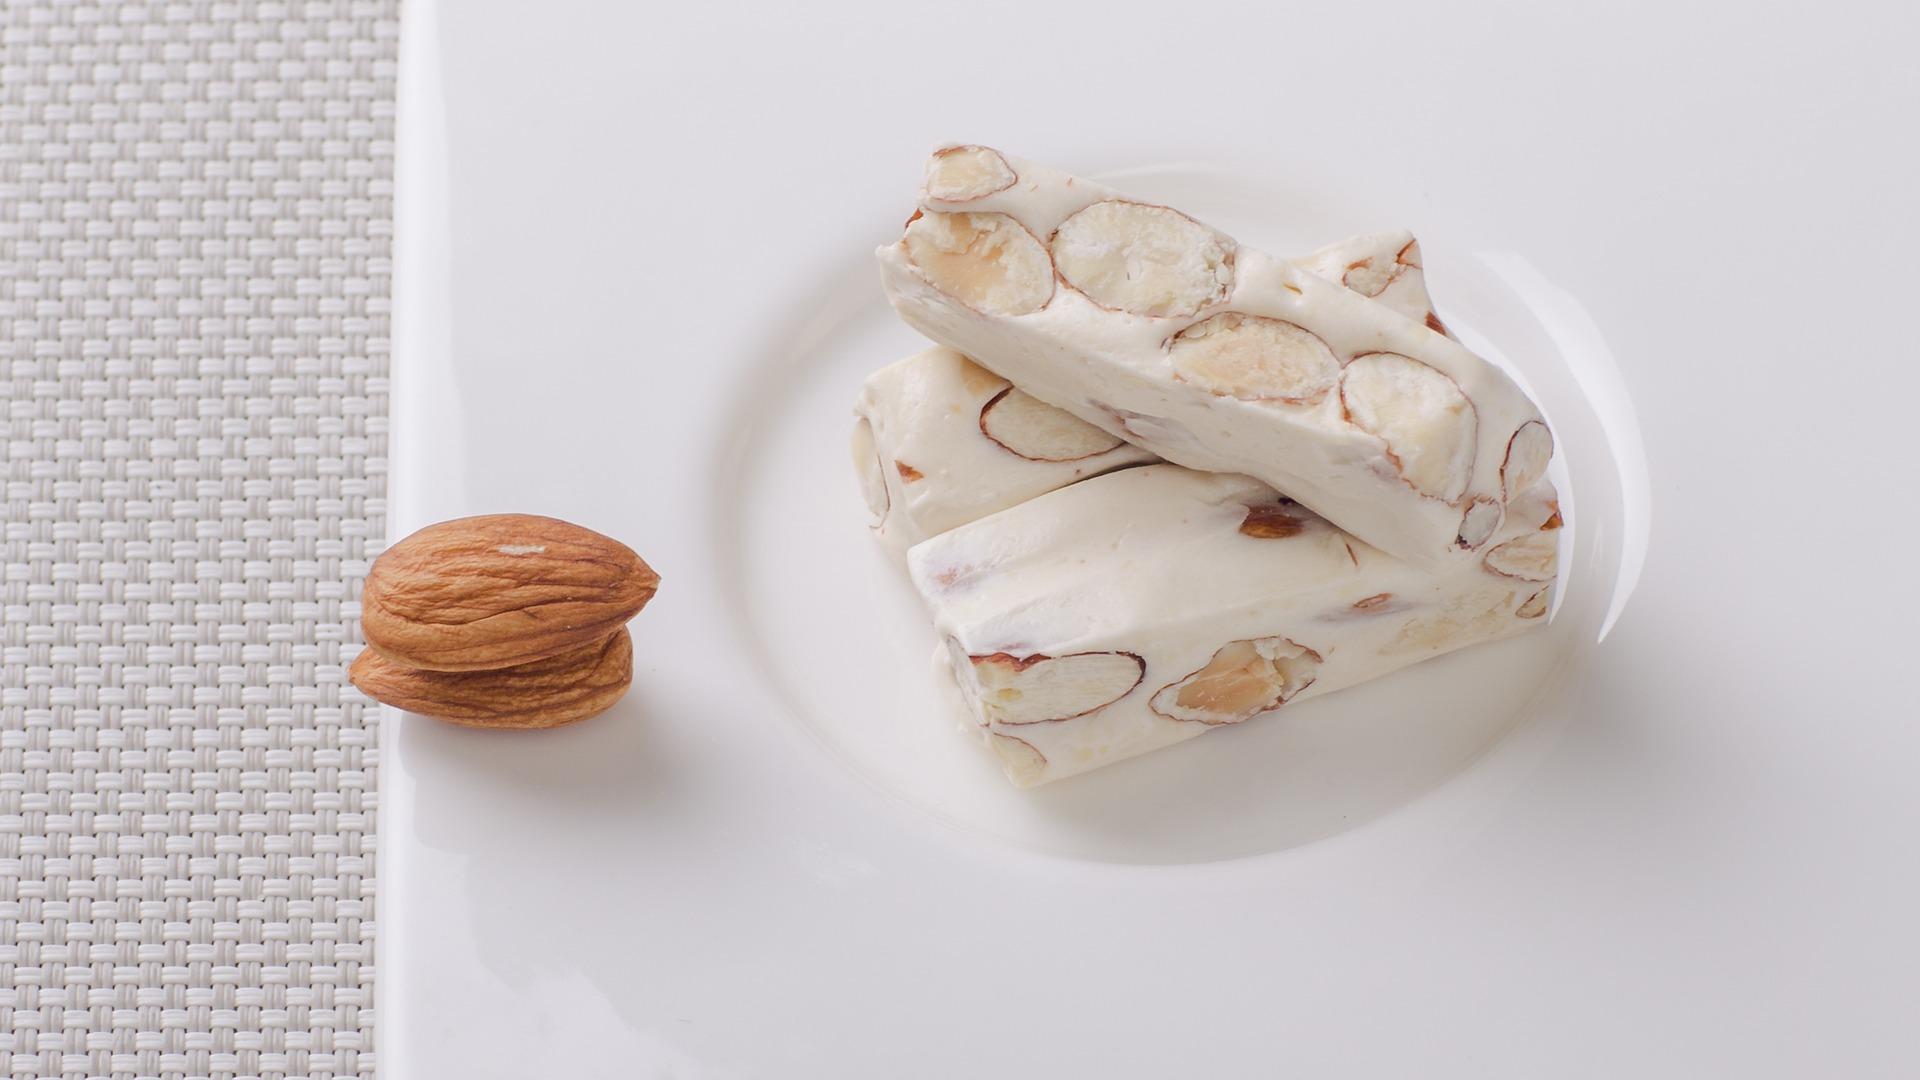 El turrón es uno de los dulces por excelencia de las fechas navideñas